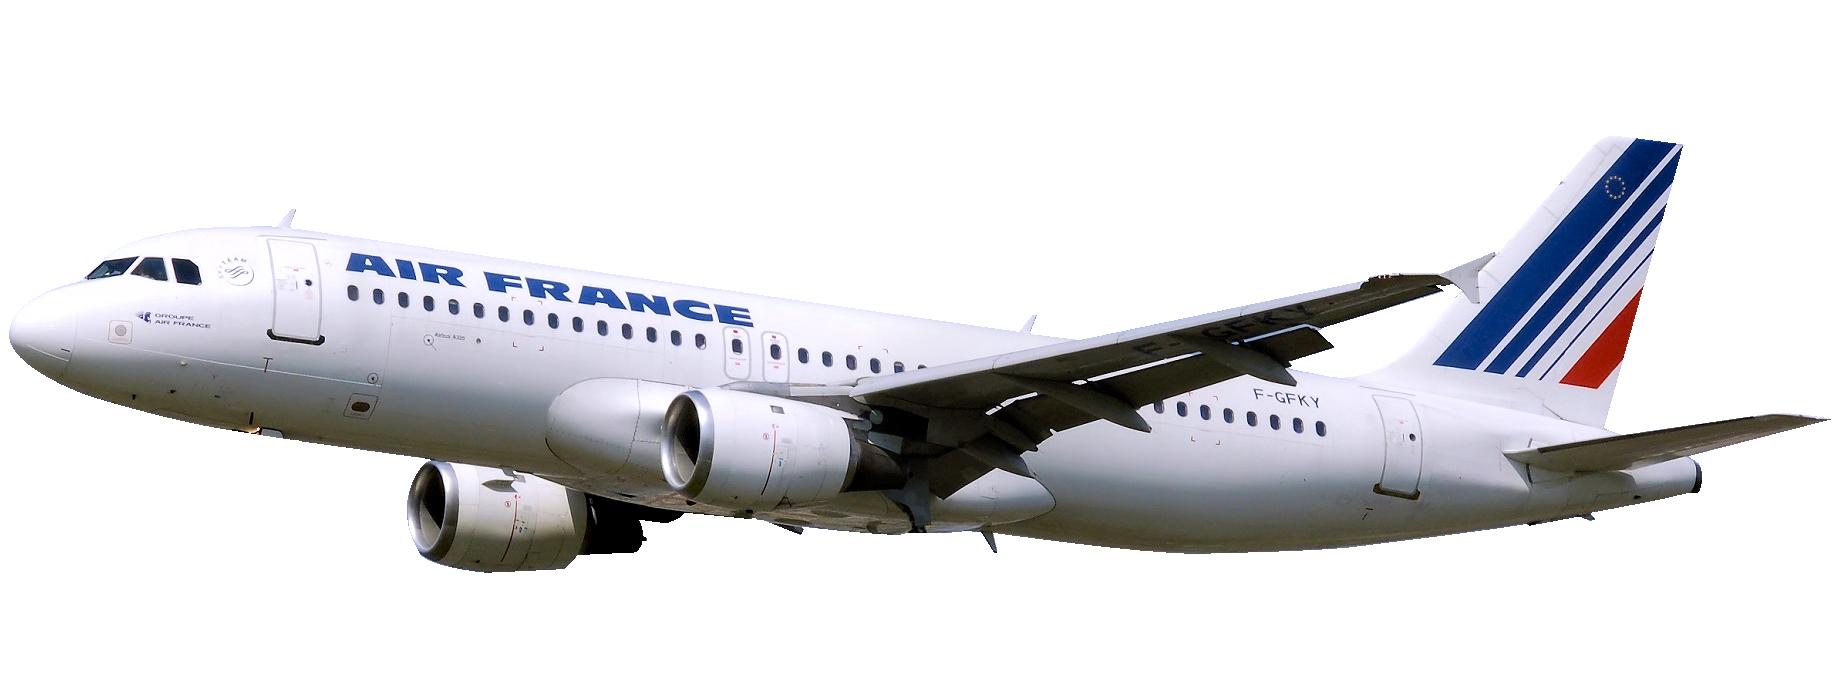 Plane HD PNG - 117886